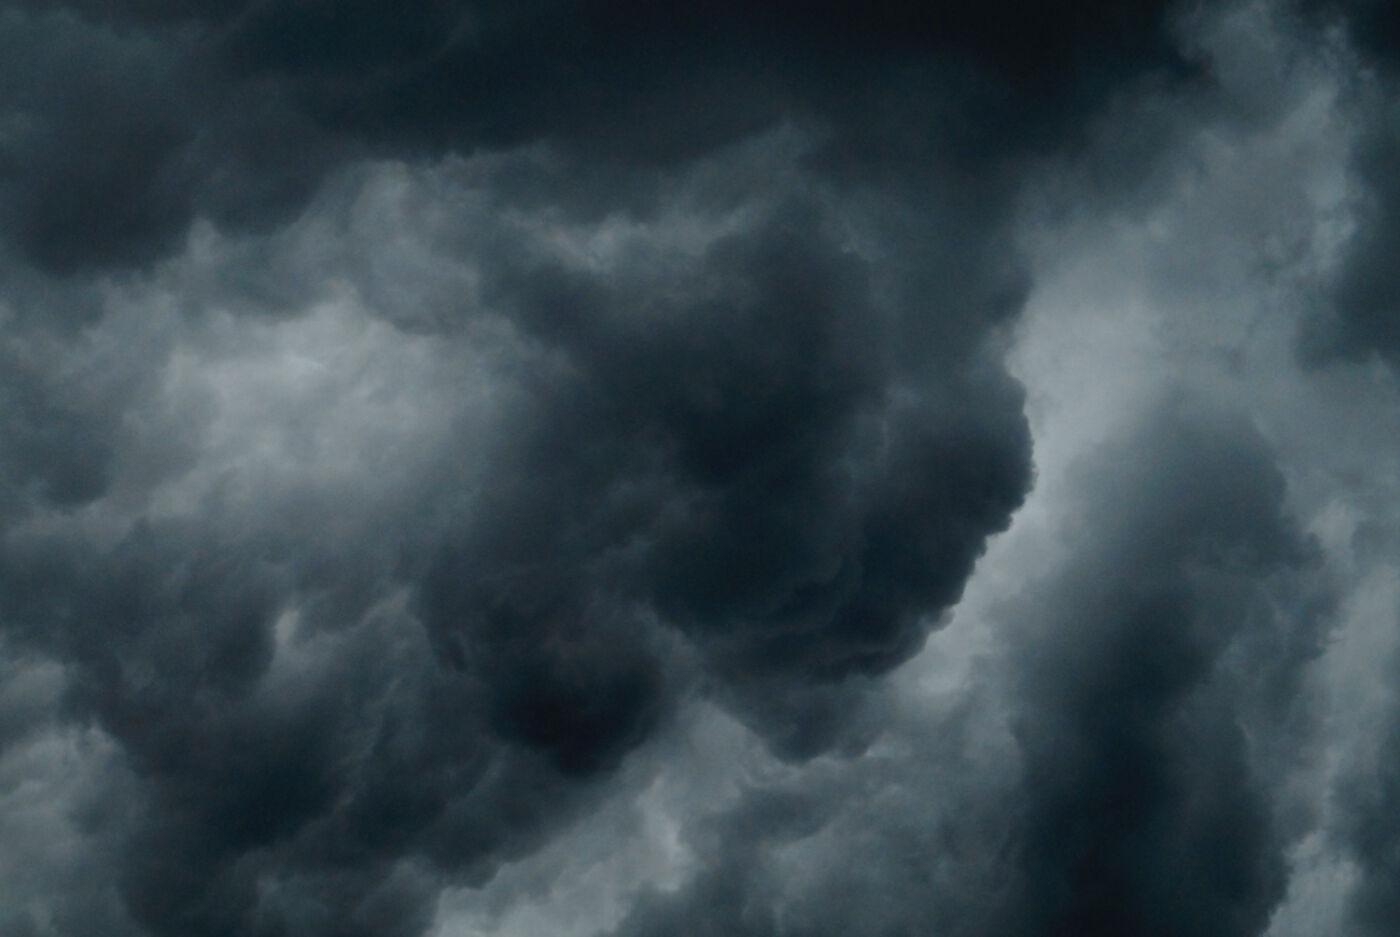 EINFACH VERTRAUEN – GOTT BEFREIT UNS VON UNSEREN FEINDEN